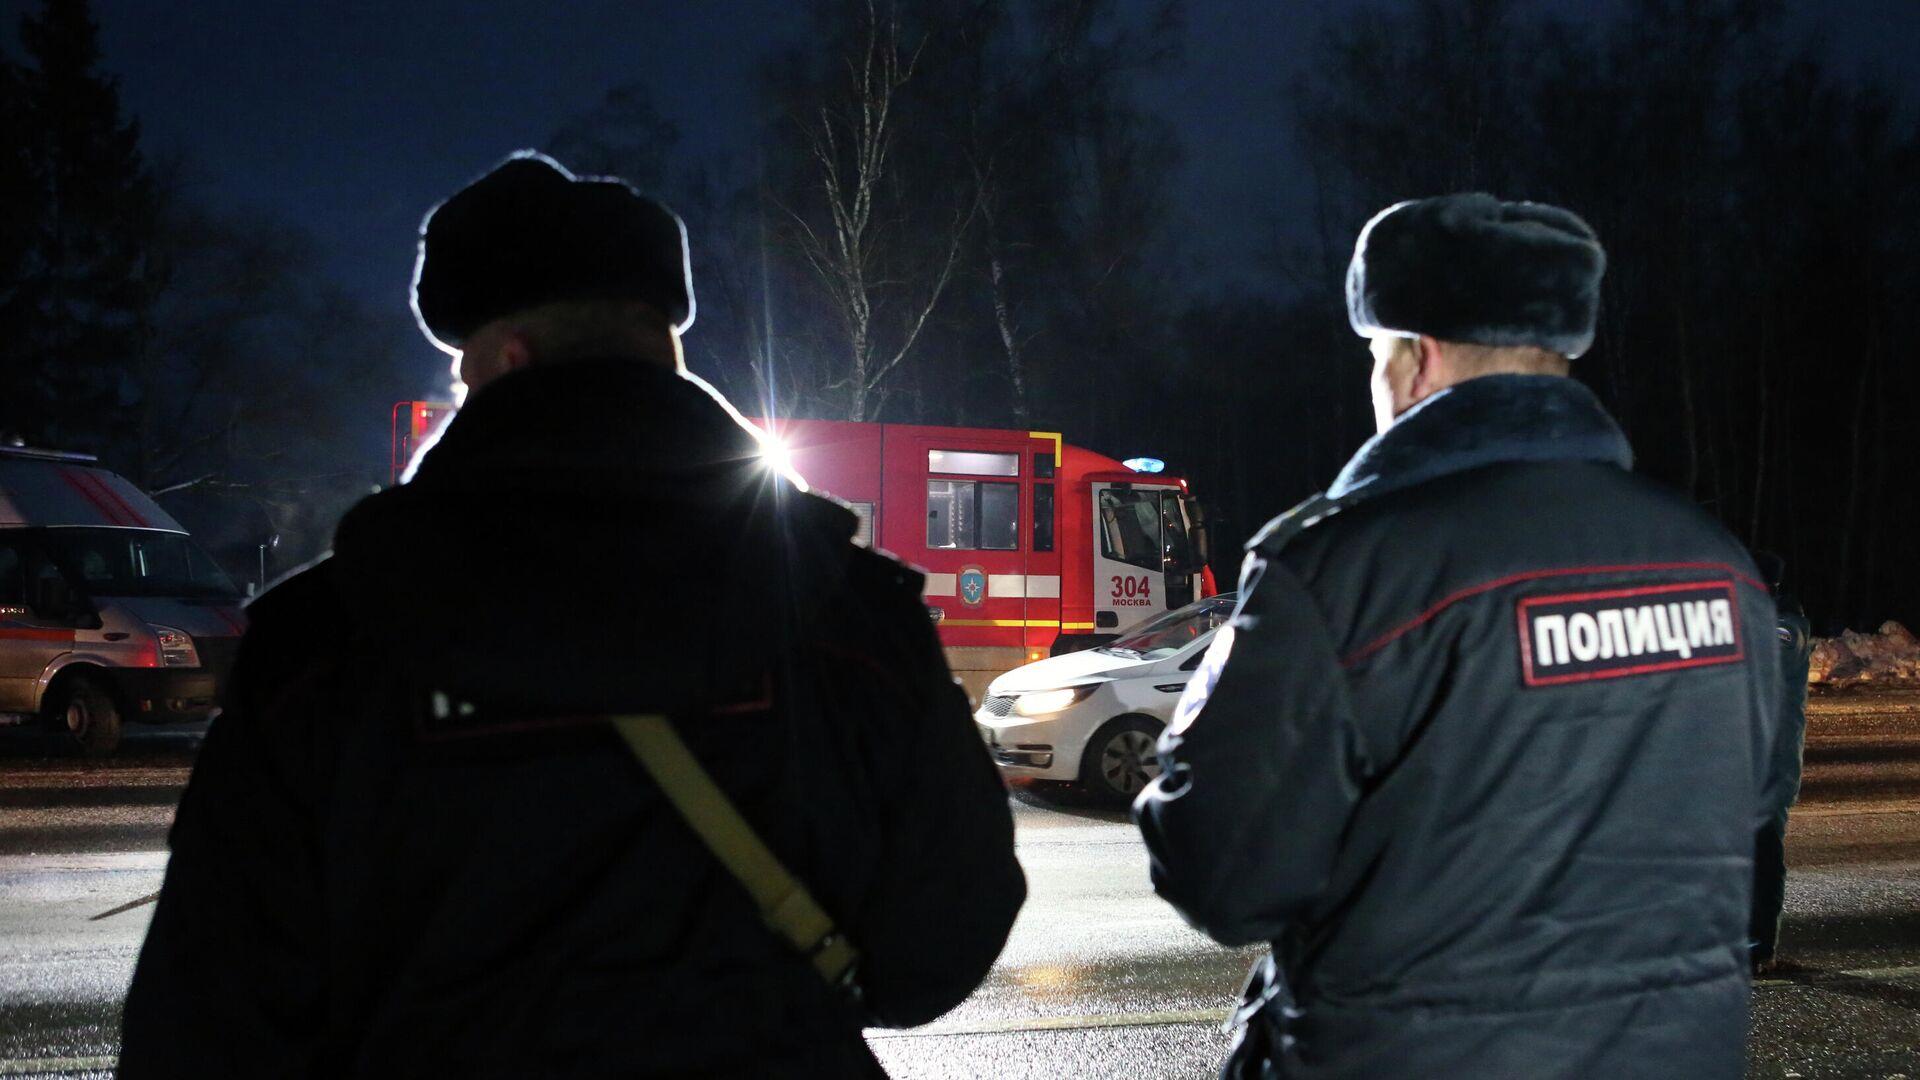 Сотрудники полиции и спасатели на месте ДТП - РИА Новости, 1920, 06.03.2020